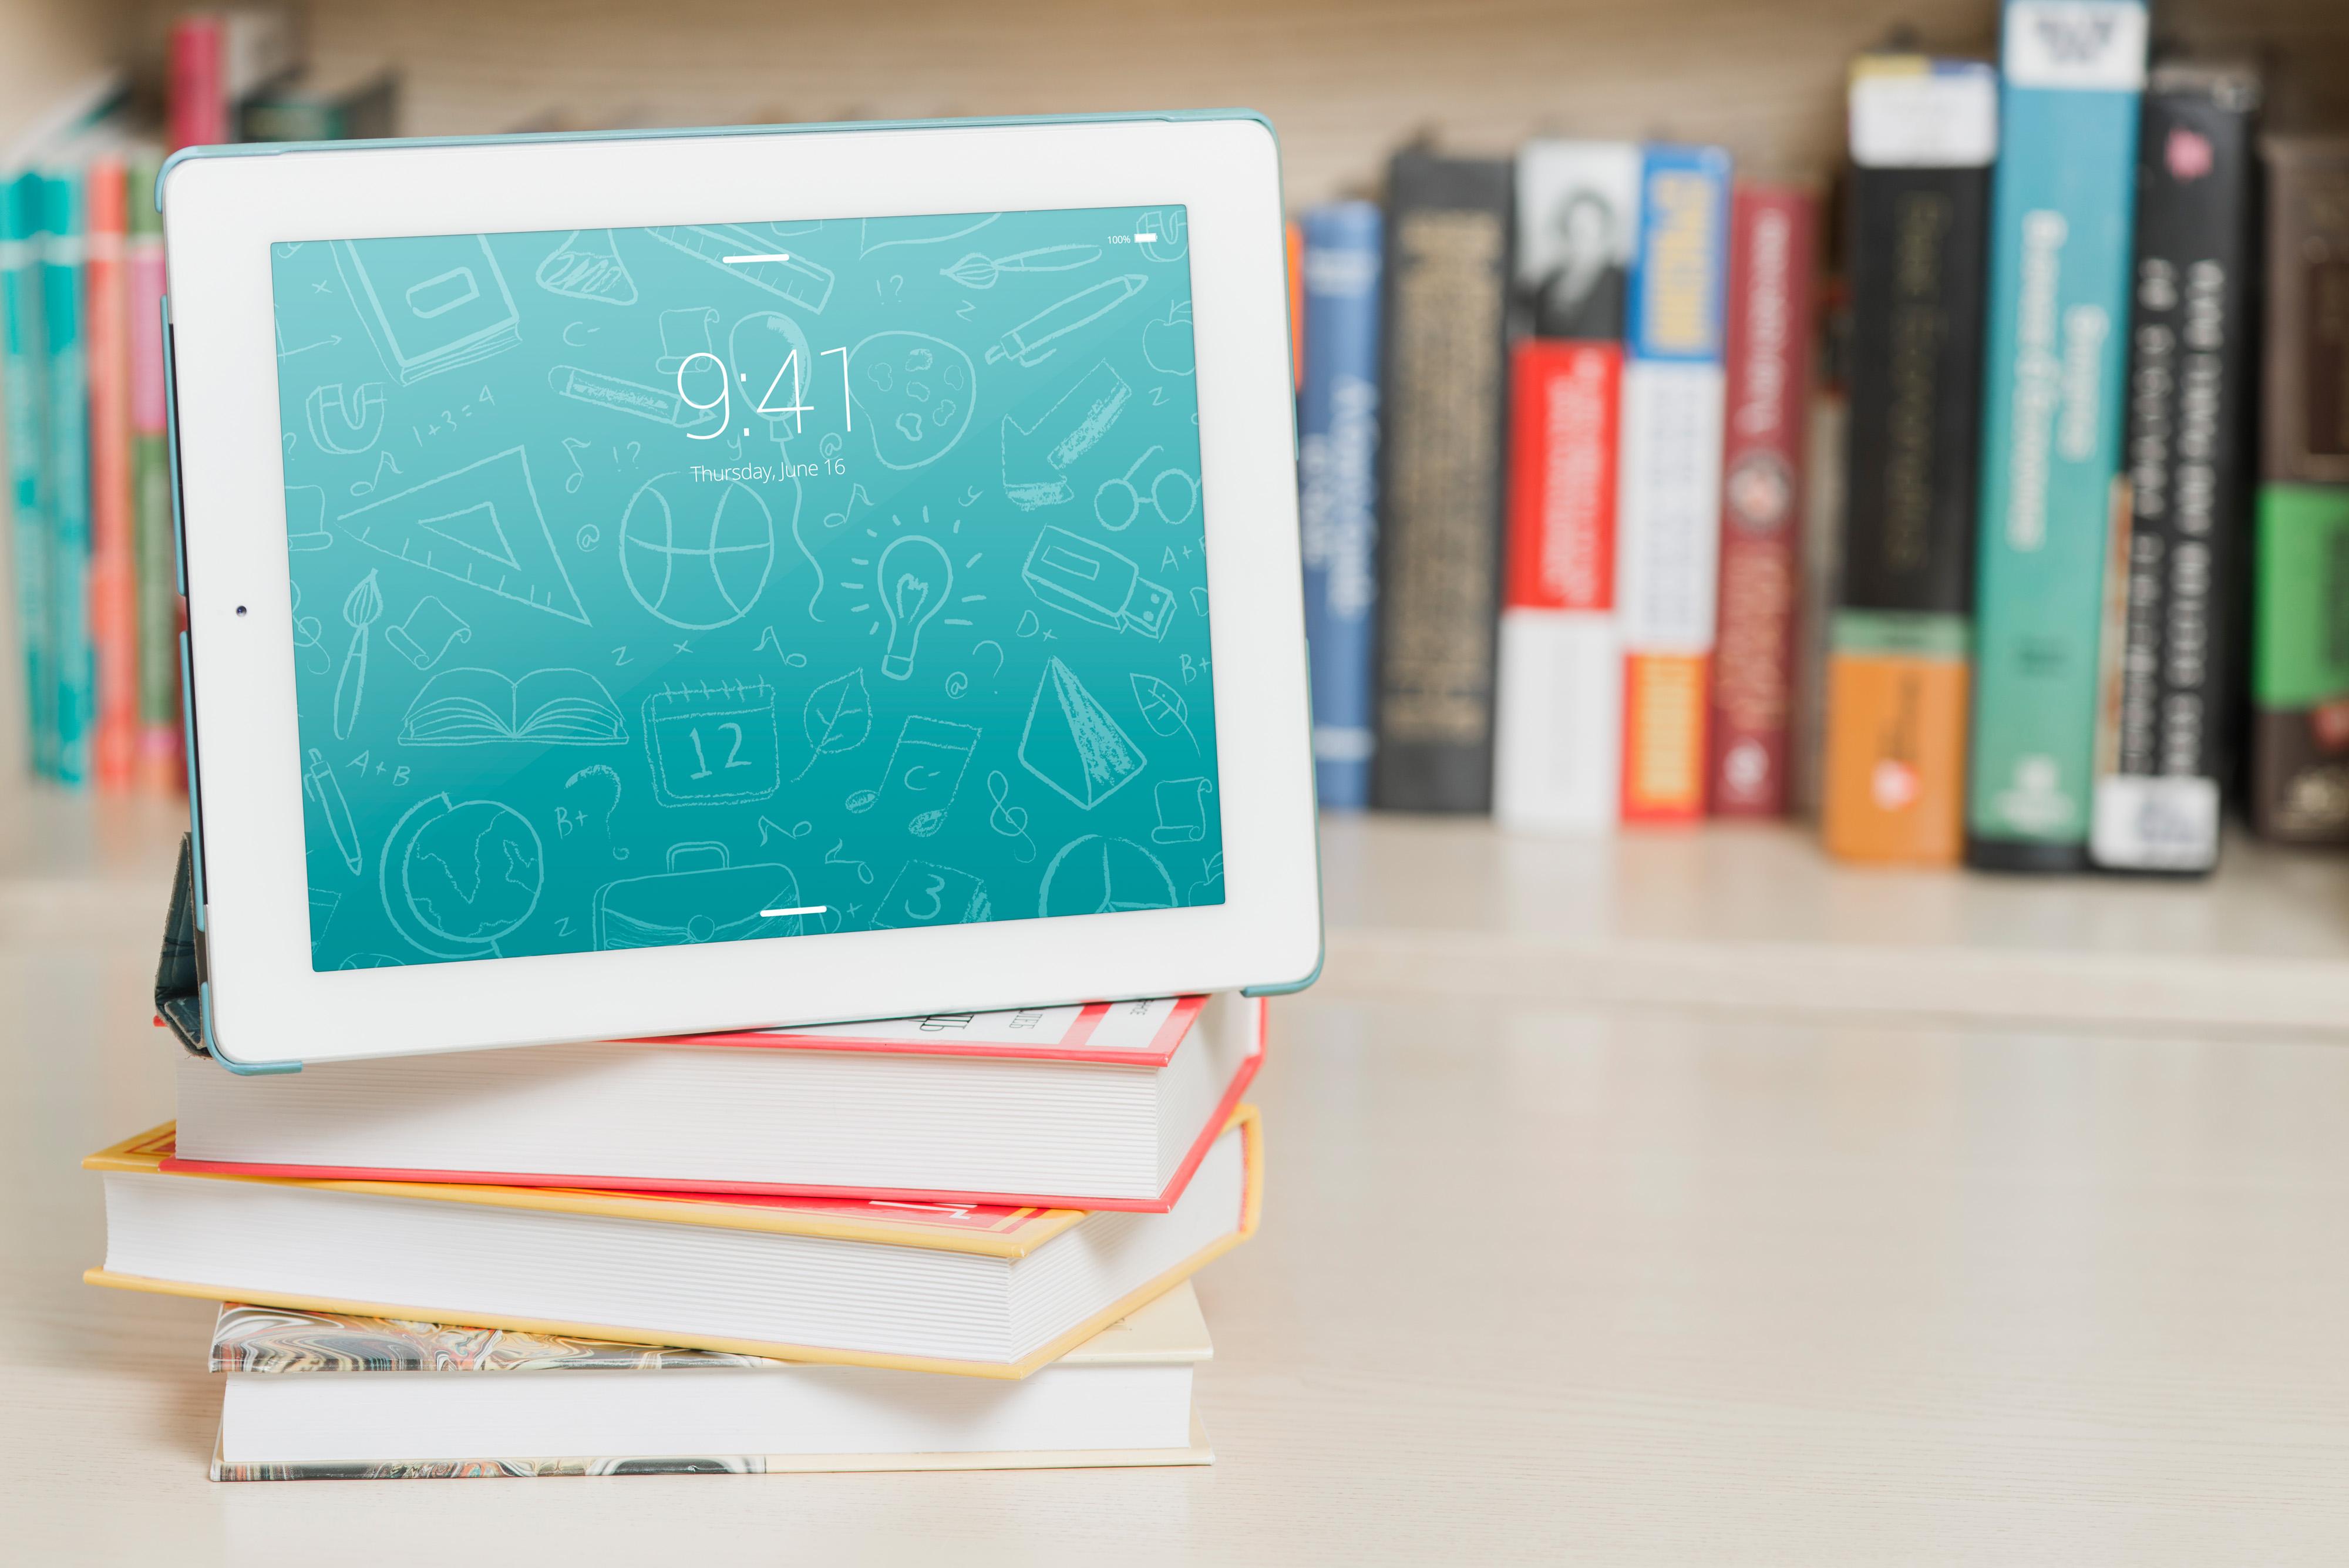 Unitech phát triển phần mềm Sách điện tử